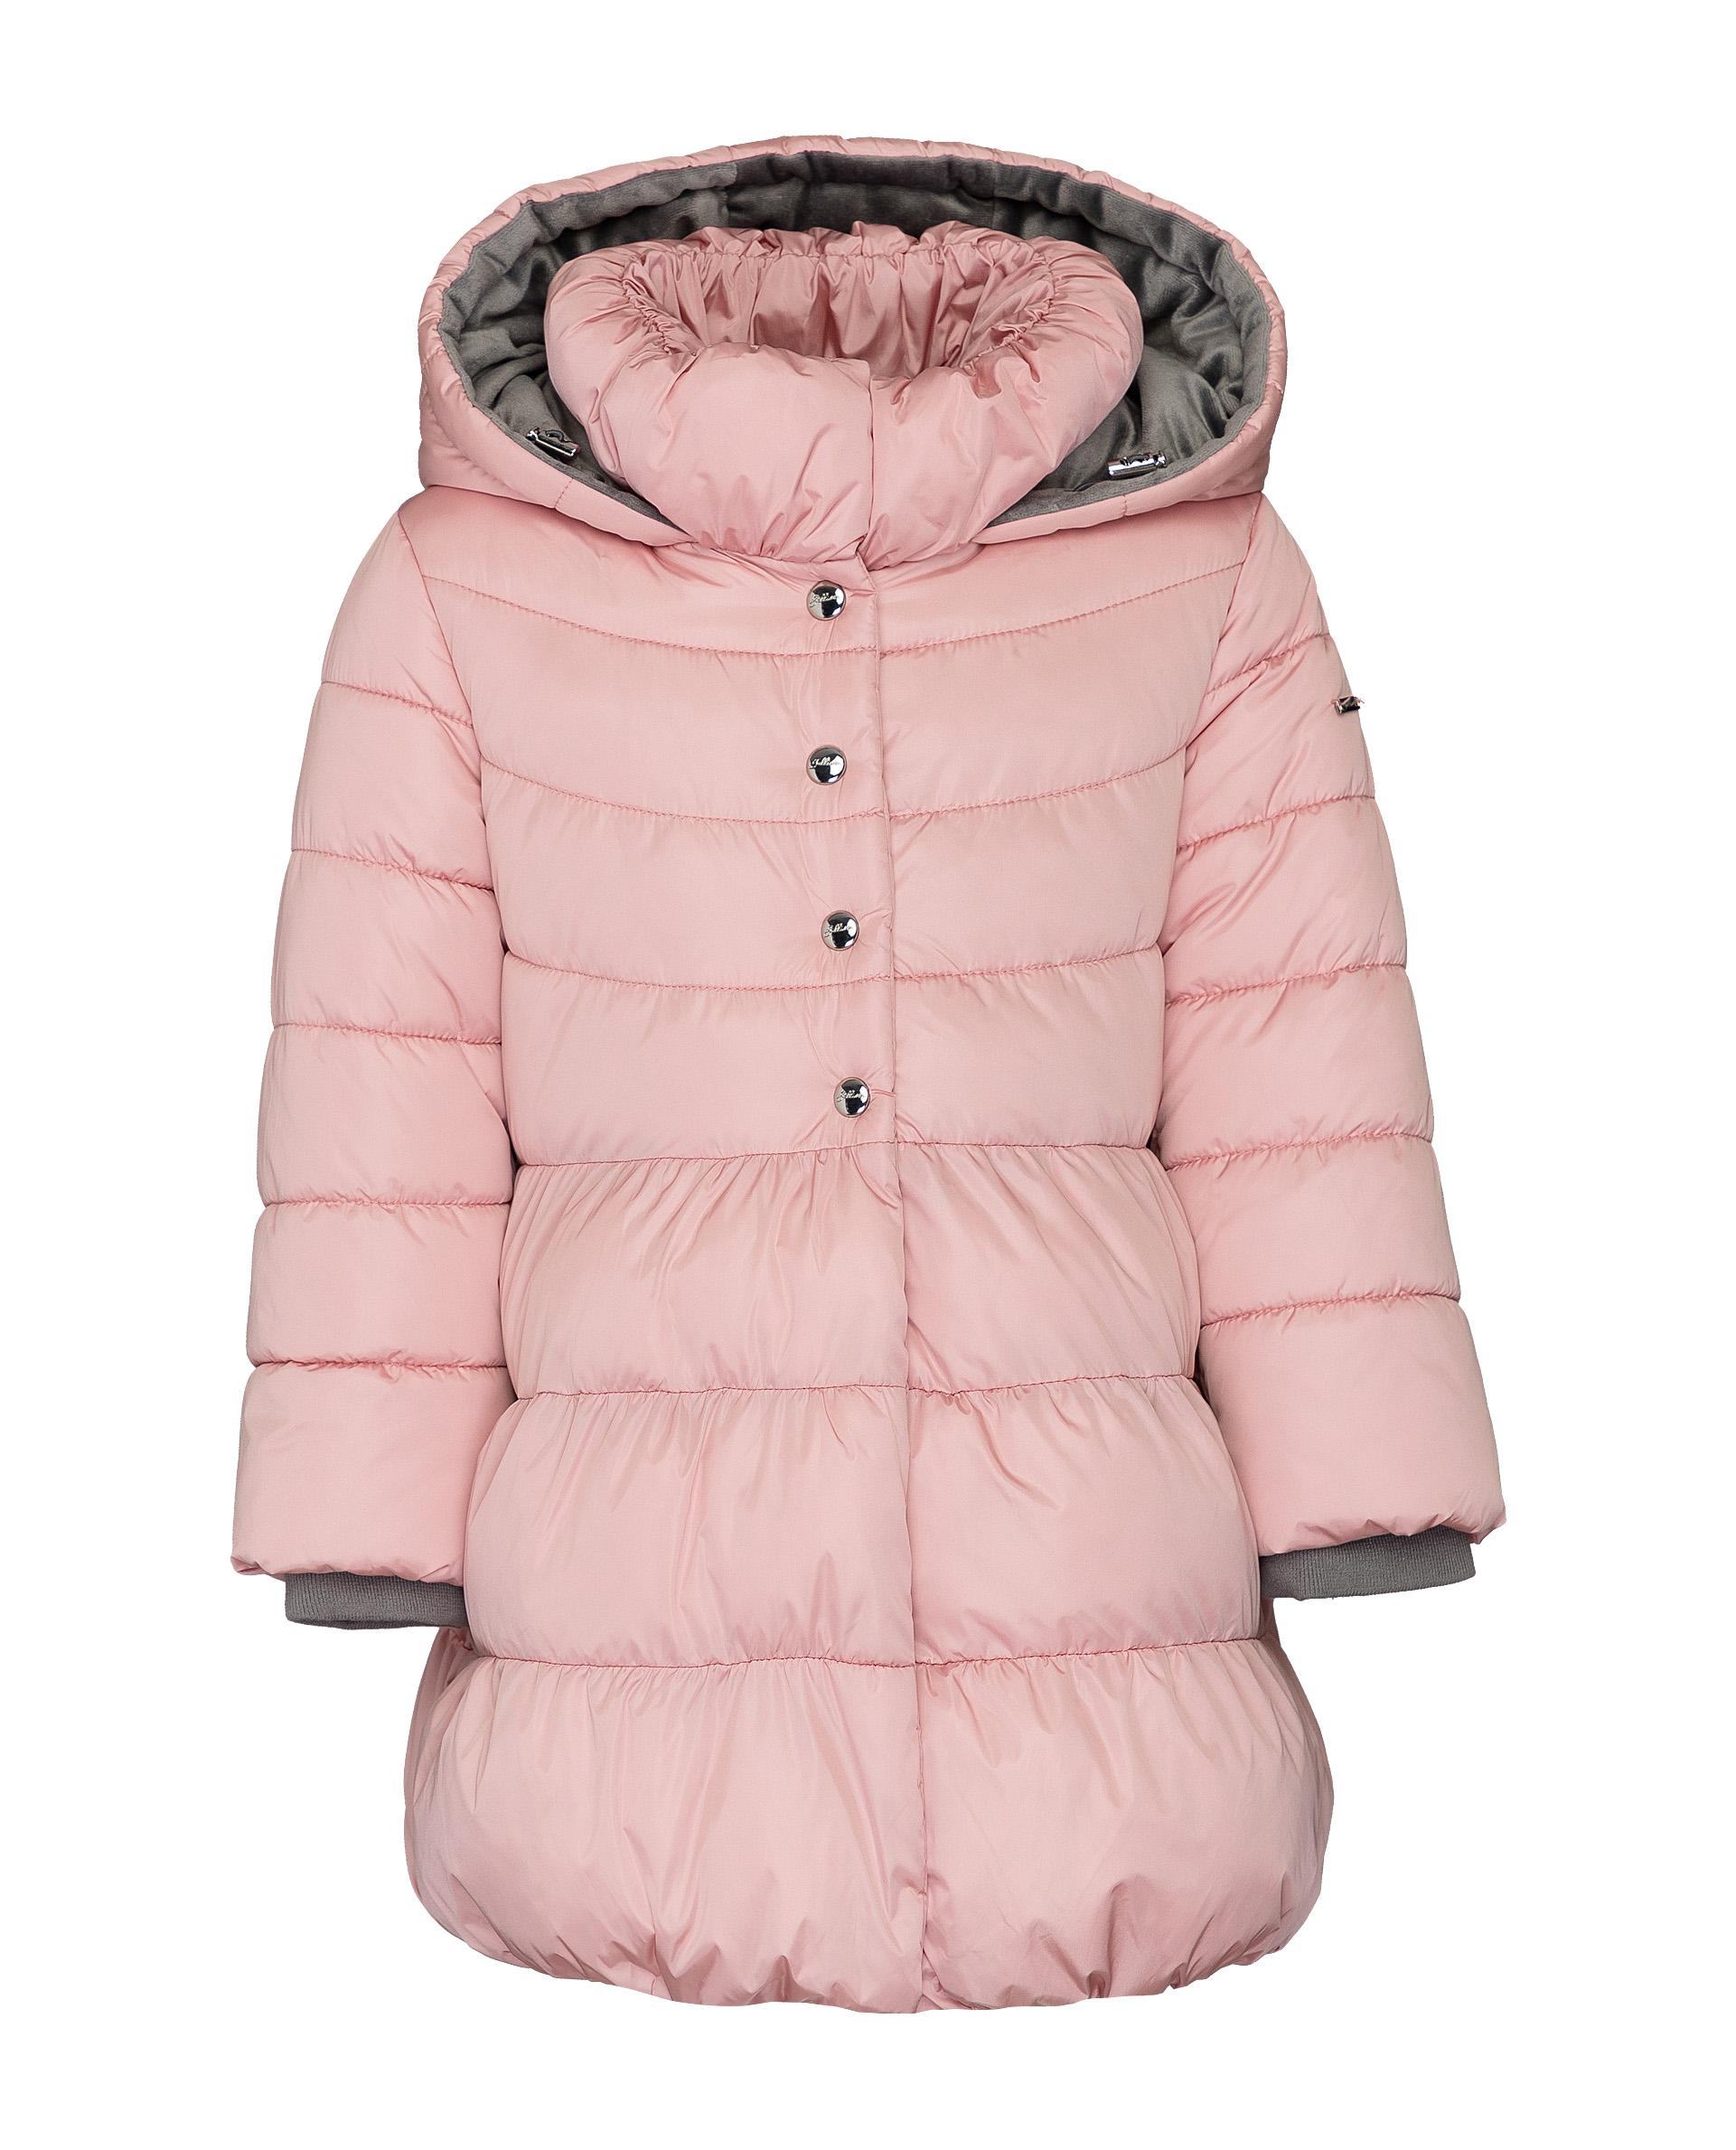 Купить 21901GMC4503, Розовое зимнее пальто Gulliver, розовый, 98, Женский, ОСЕНЬ/ЗИМА 2020-2021 (shop: GulliverMarket Gulliver Market)